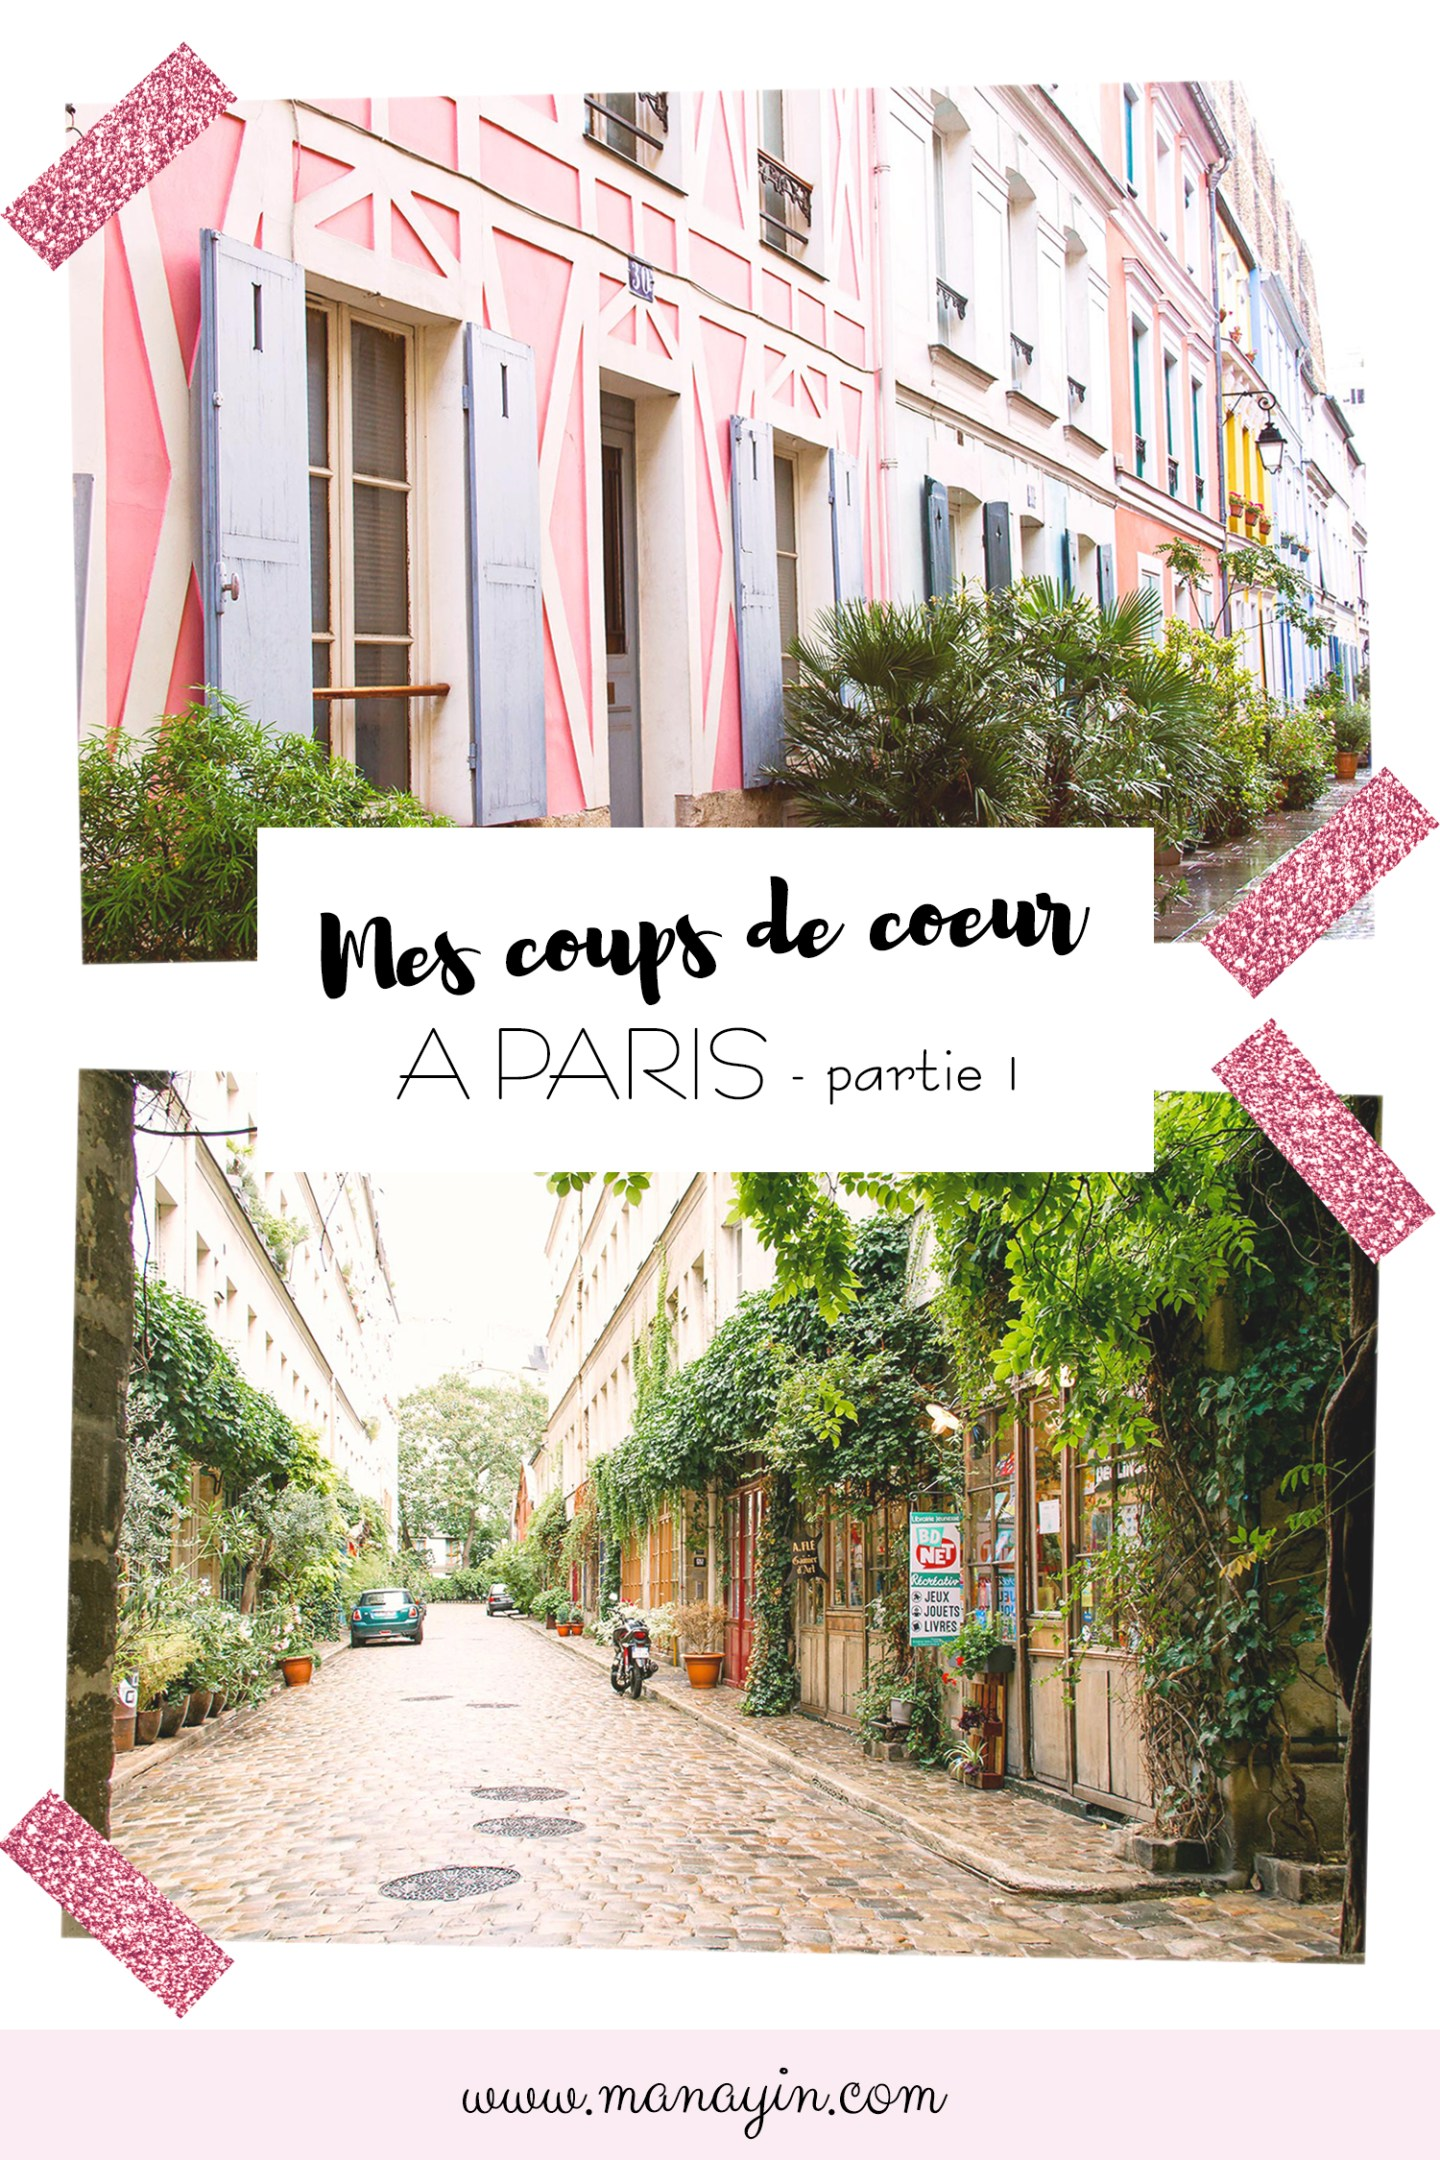 Paris - rue Crémieux, passage Lhomme